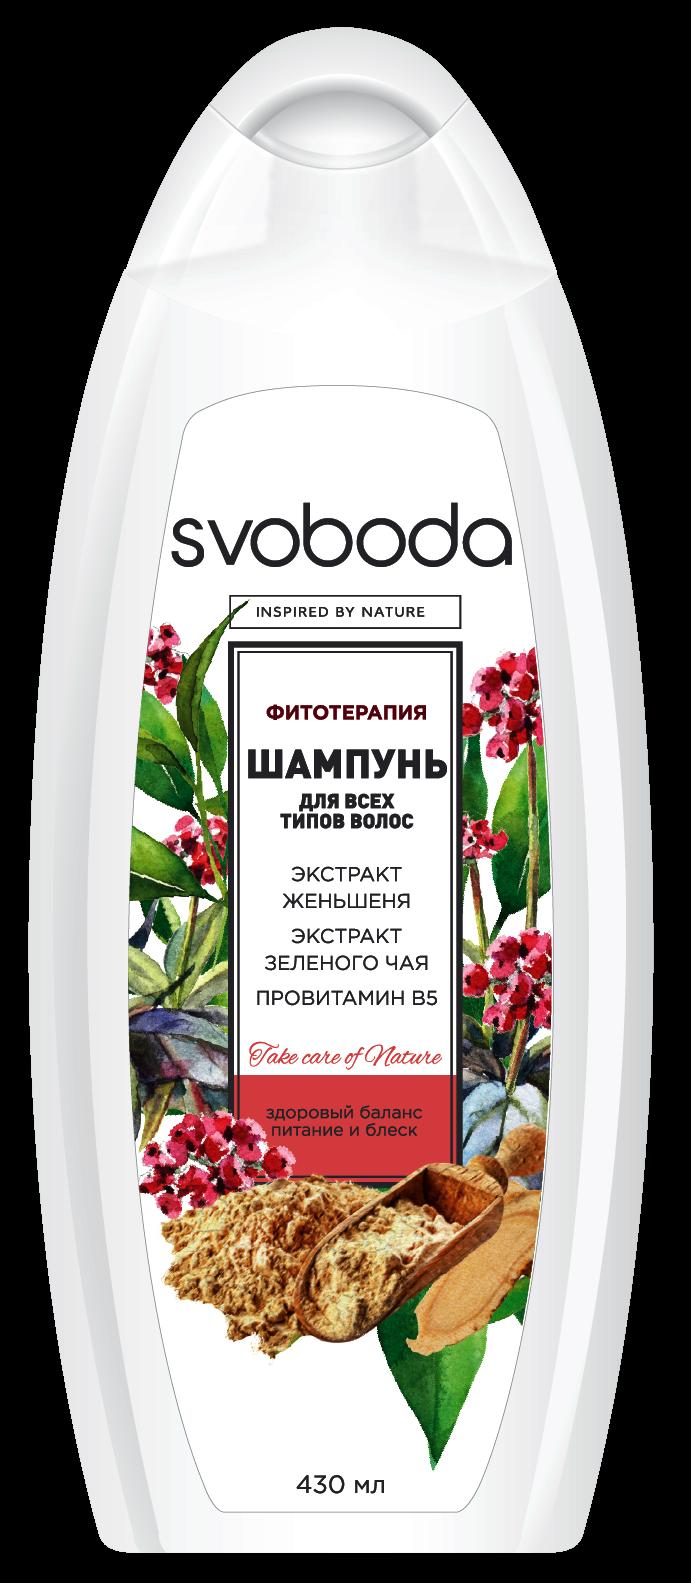 Купить Шампунь SVOBODA для всех типов волос с экстрактами женьшеня, зелёного чая и B5 430 мл, Свобода